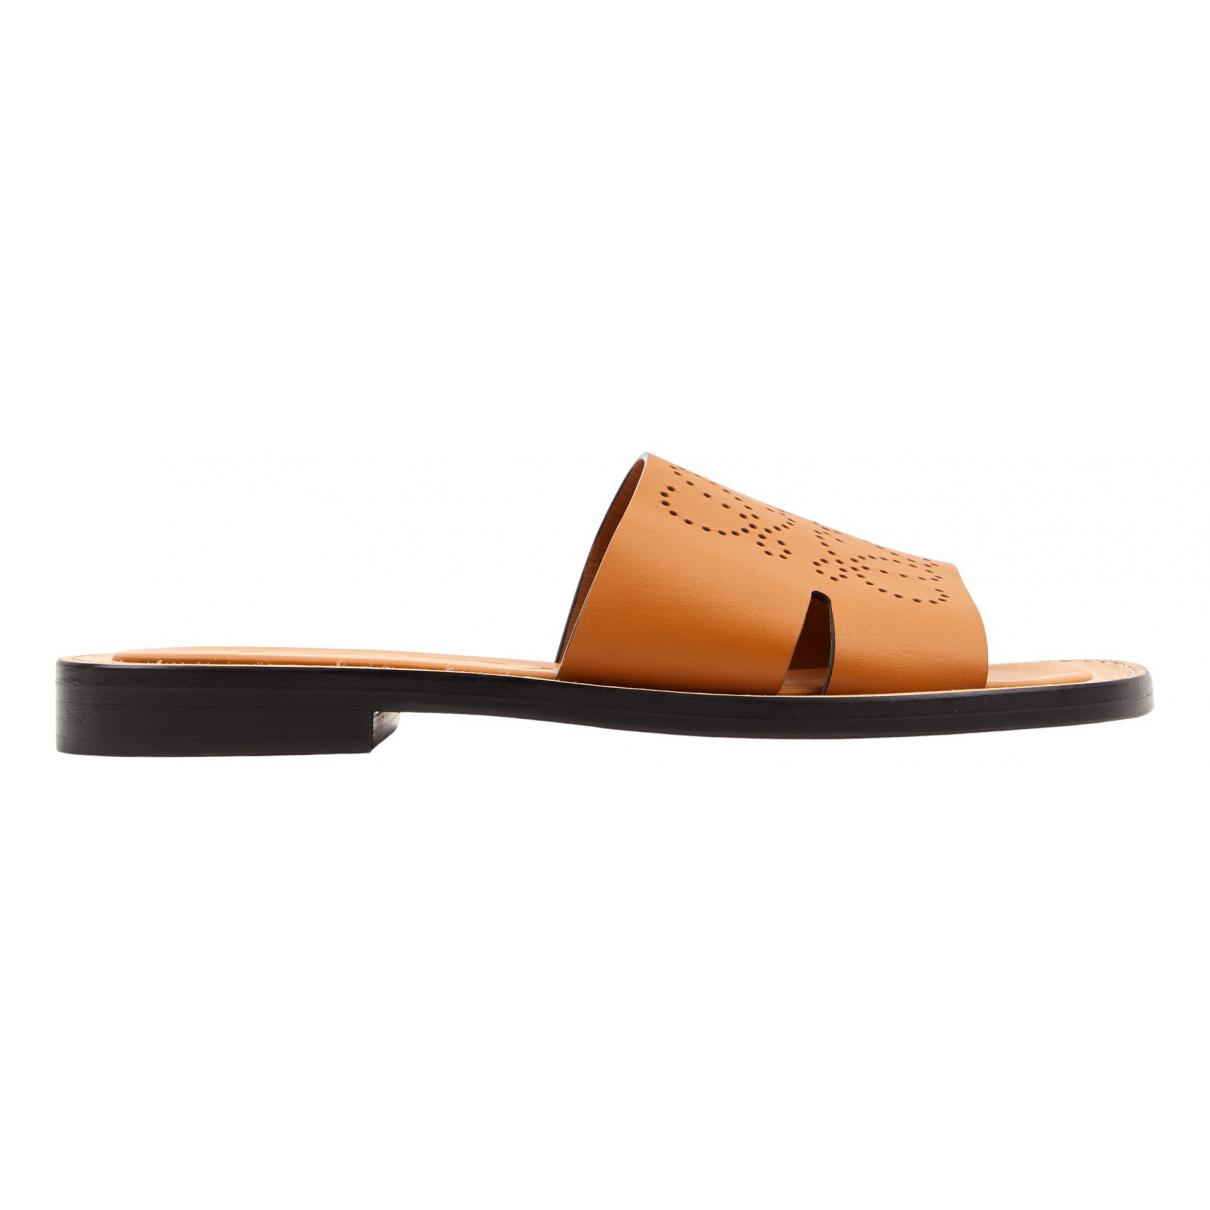 Sandalias romanas de Cuero Loewe